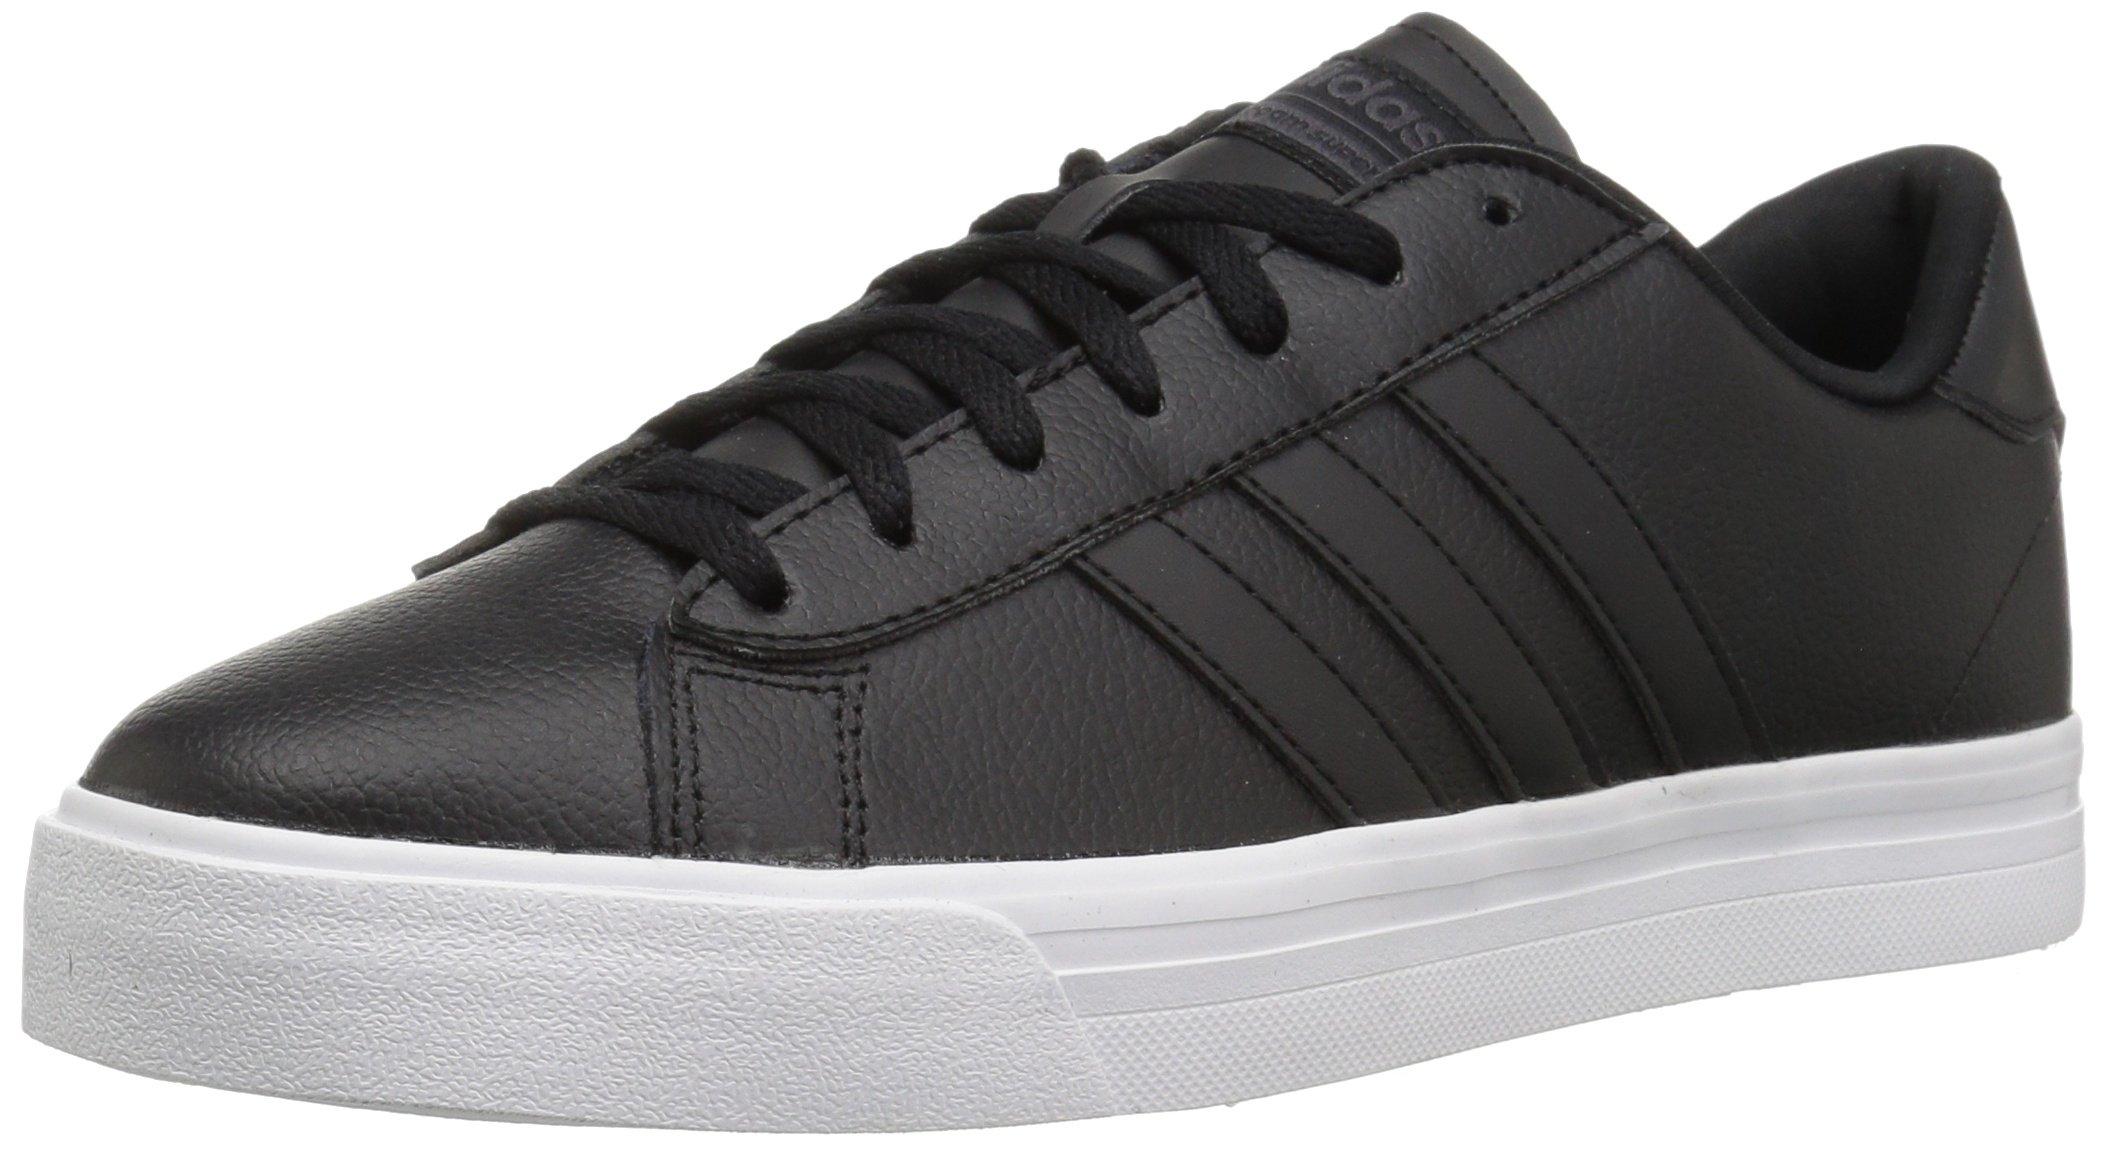 Galeone adidas neo - uomini di super daily scarpa, nucleo nero / core